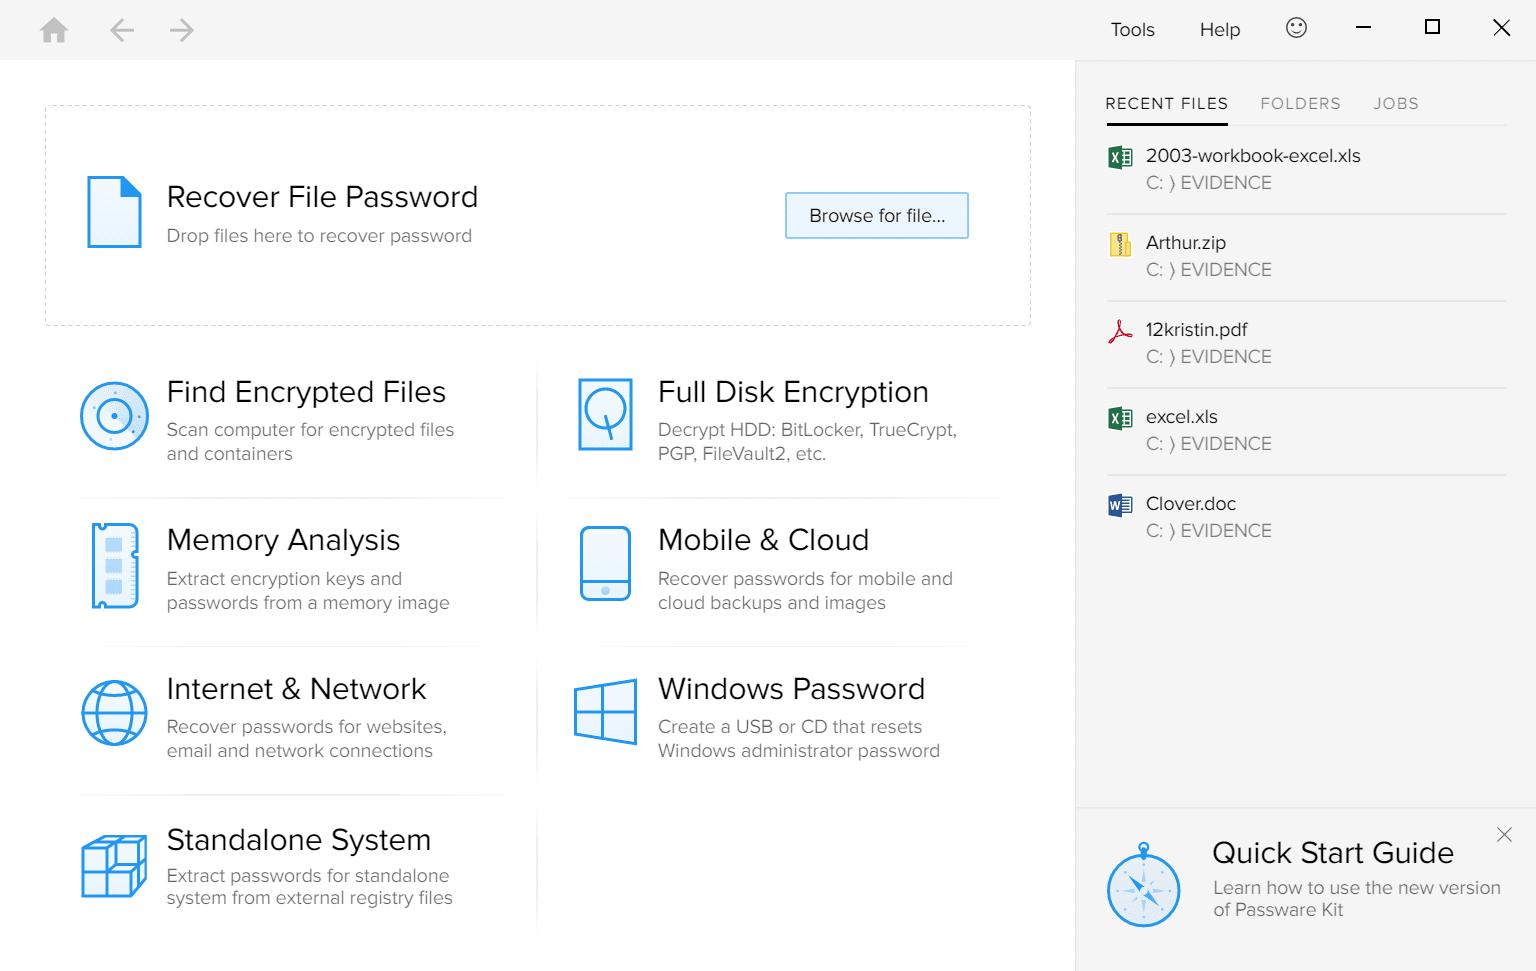 Passware Kit Forensic Main Interface Screenshot